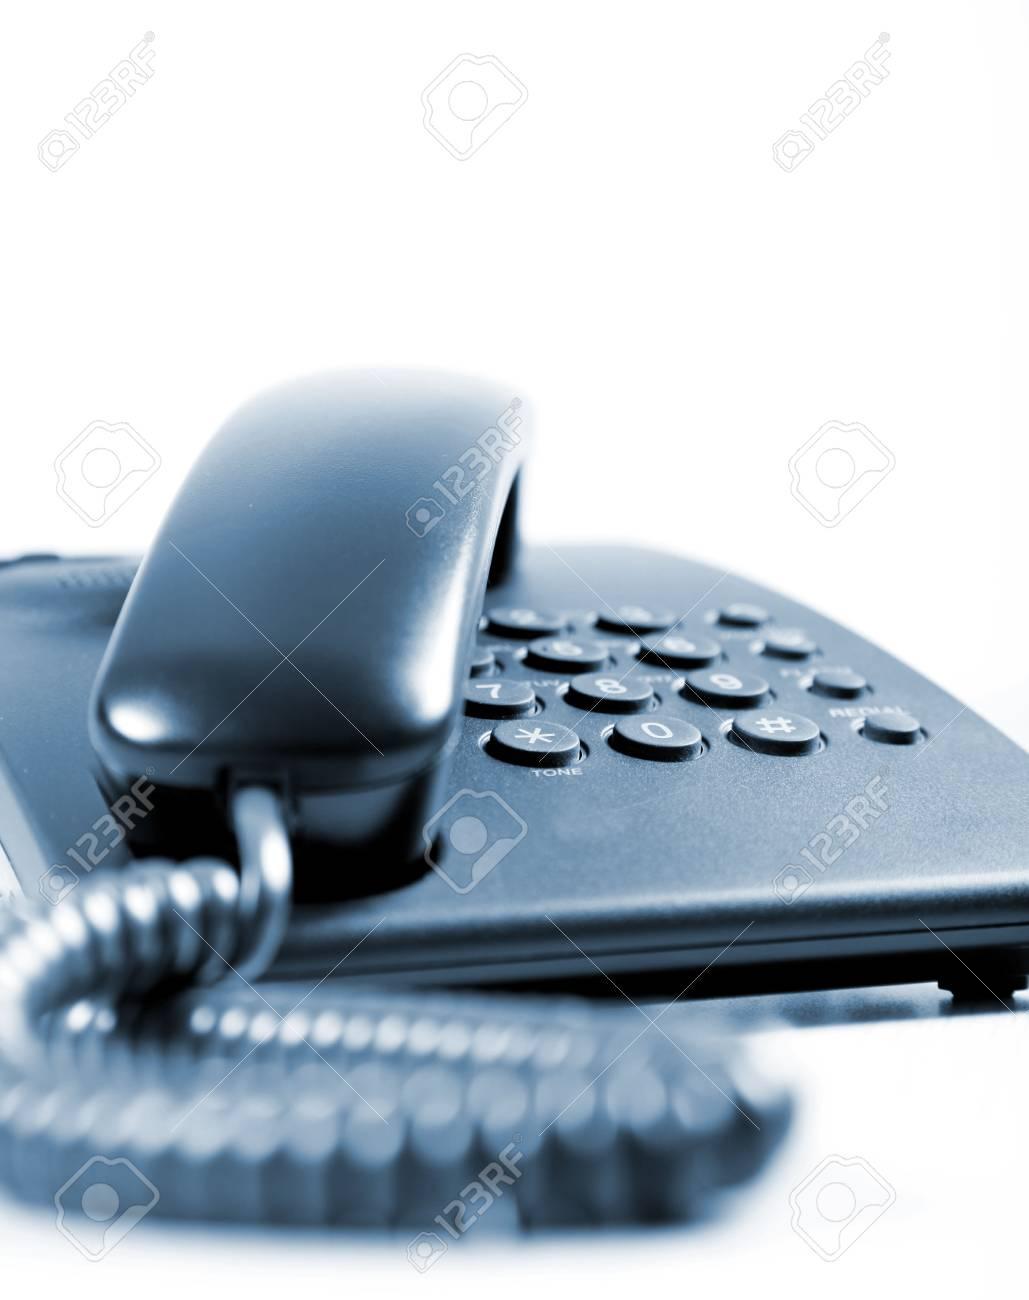 Black telephone over white background. Communication object Stock Photo - 6008848